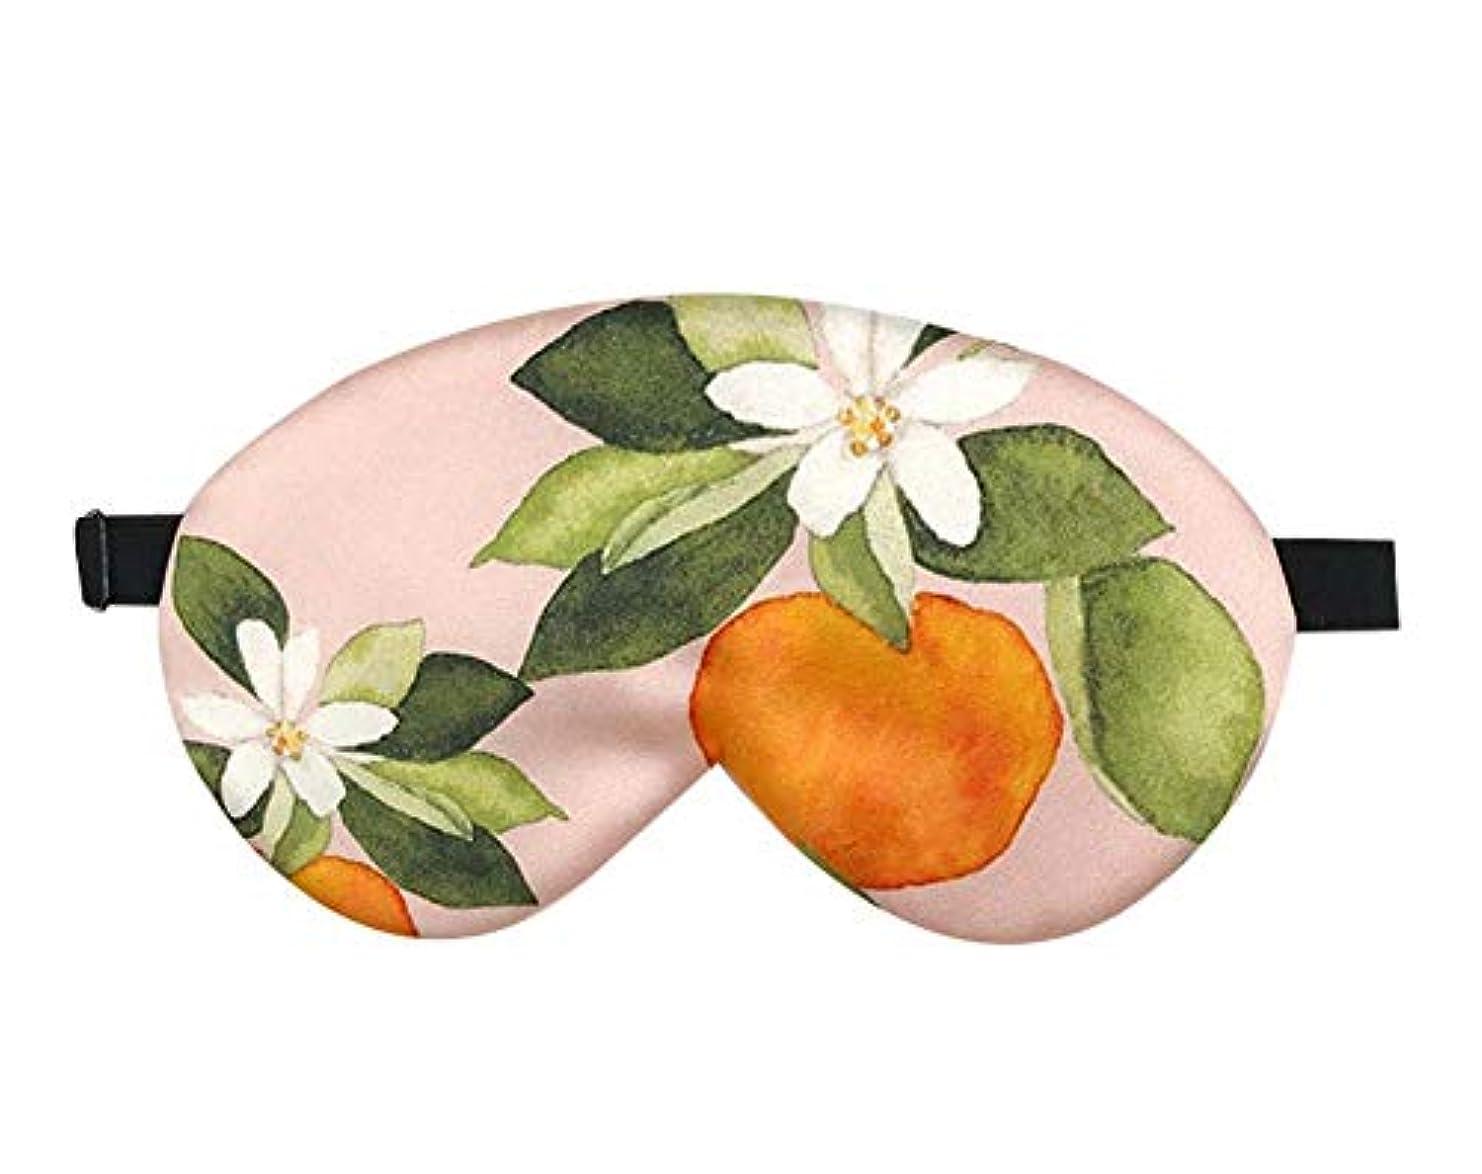 両面シルクアイマスク調節可能なストラップ付きのエレガントなアイシェードスリープアイマスク (小オレンジ)